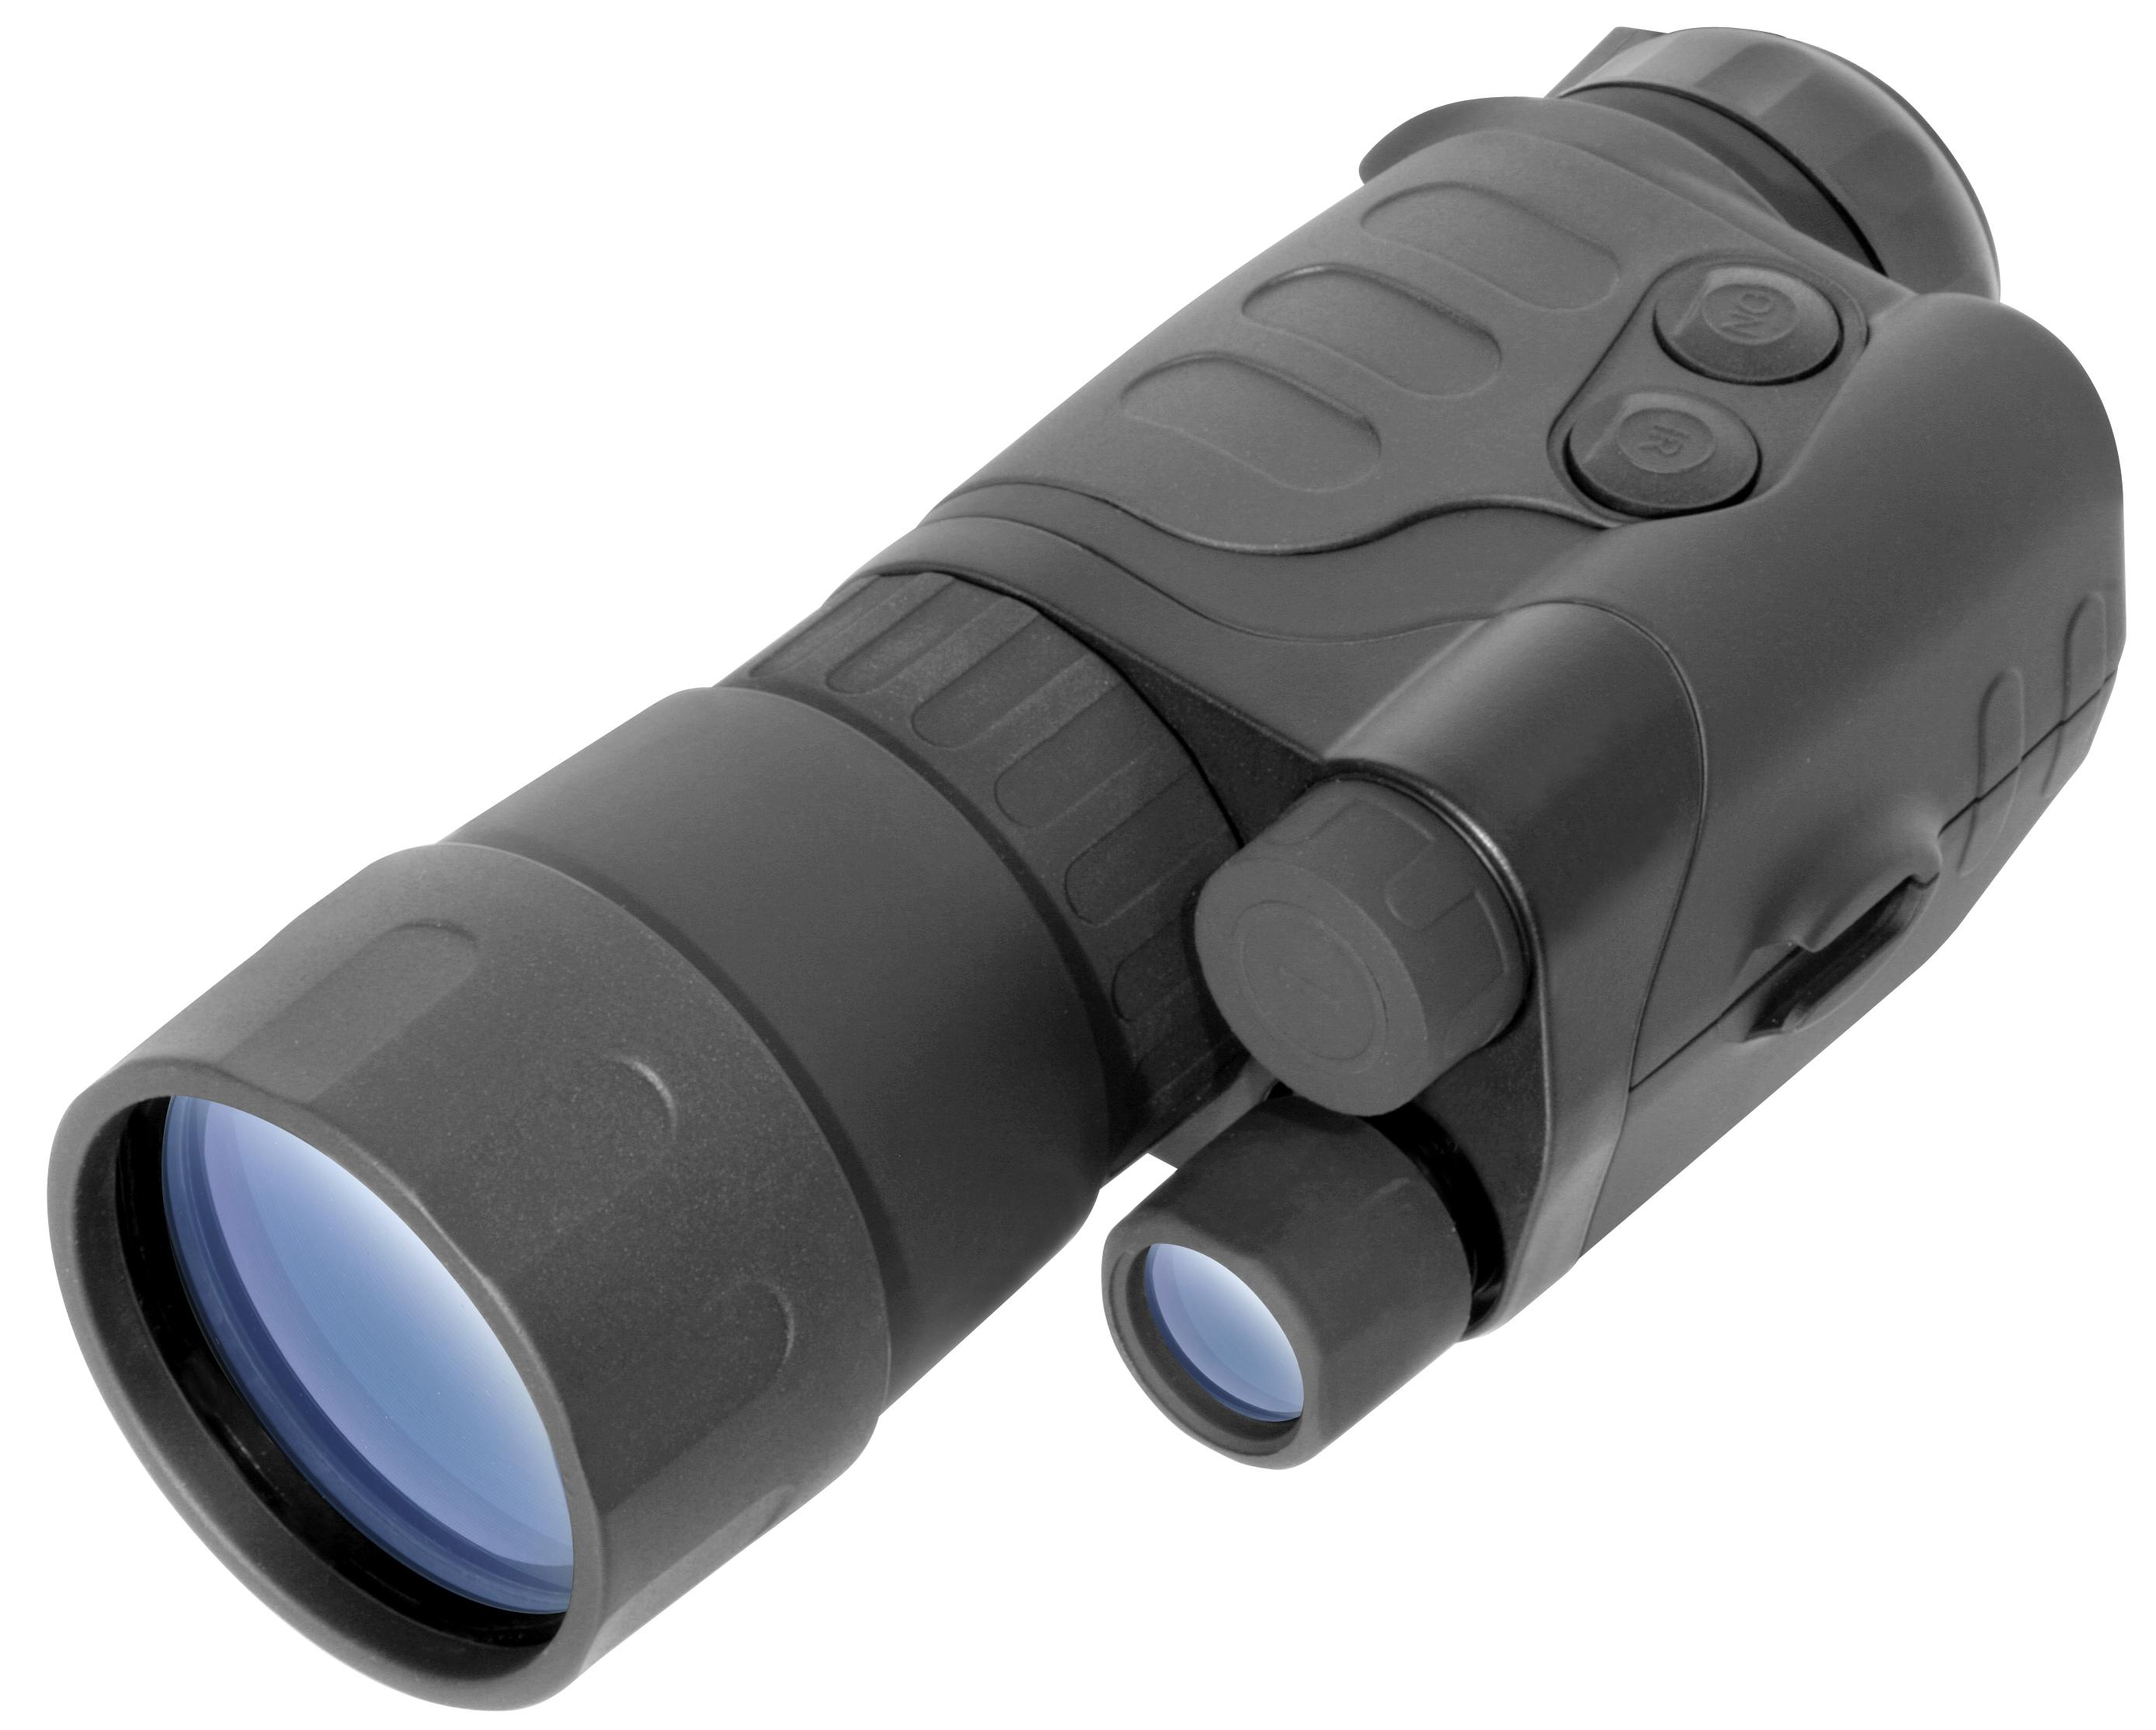 Yukon nachtsichtgerät exelon mit amazon kamera